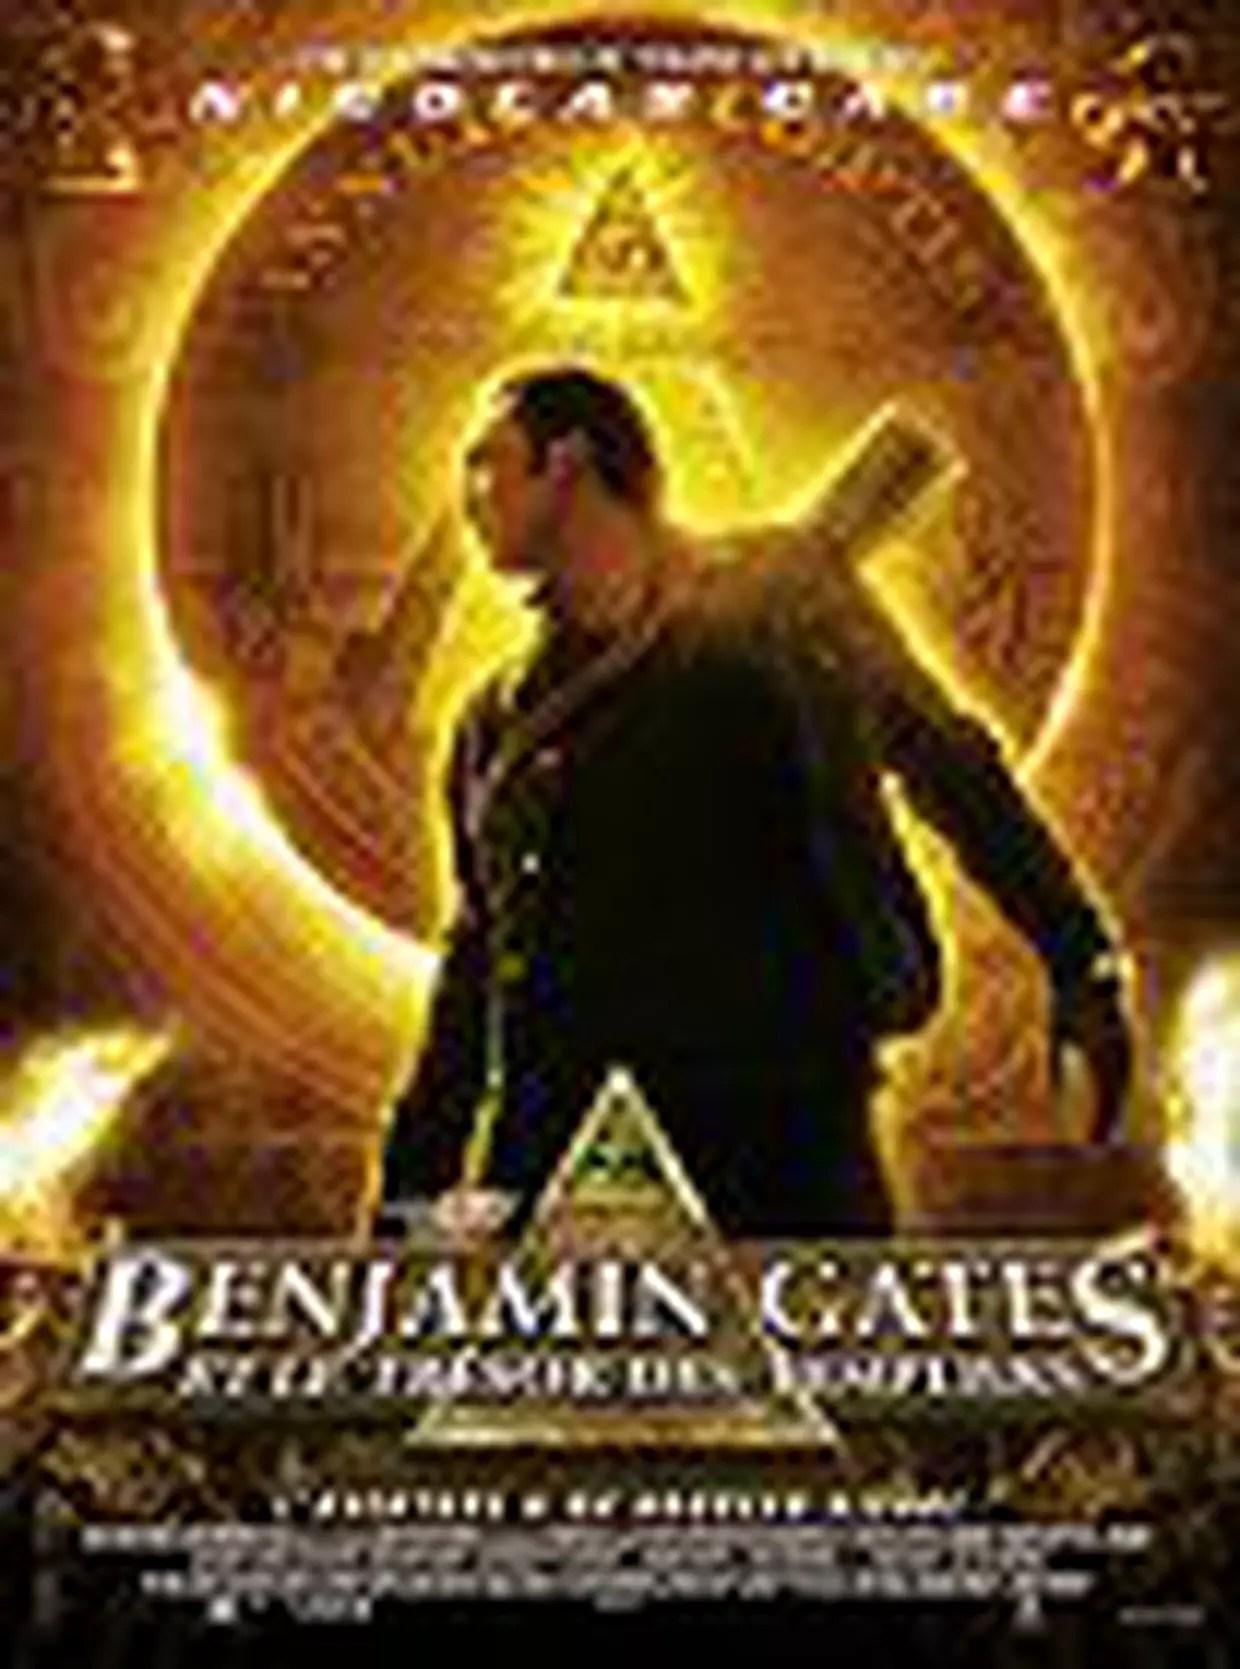 Benjamin Gates et le Livre des secrets - Film streaming Gratuit...